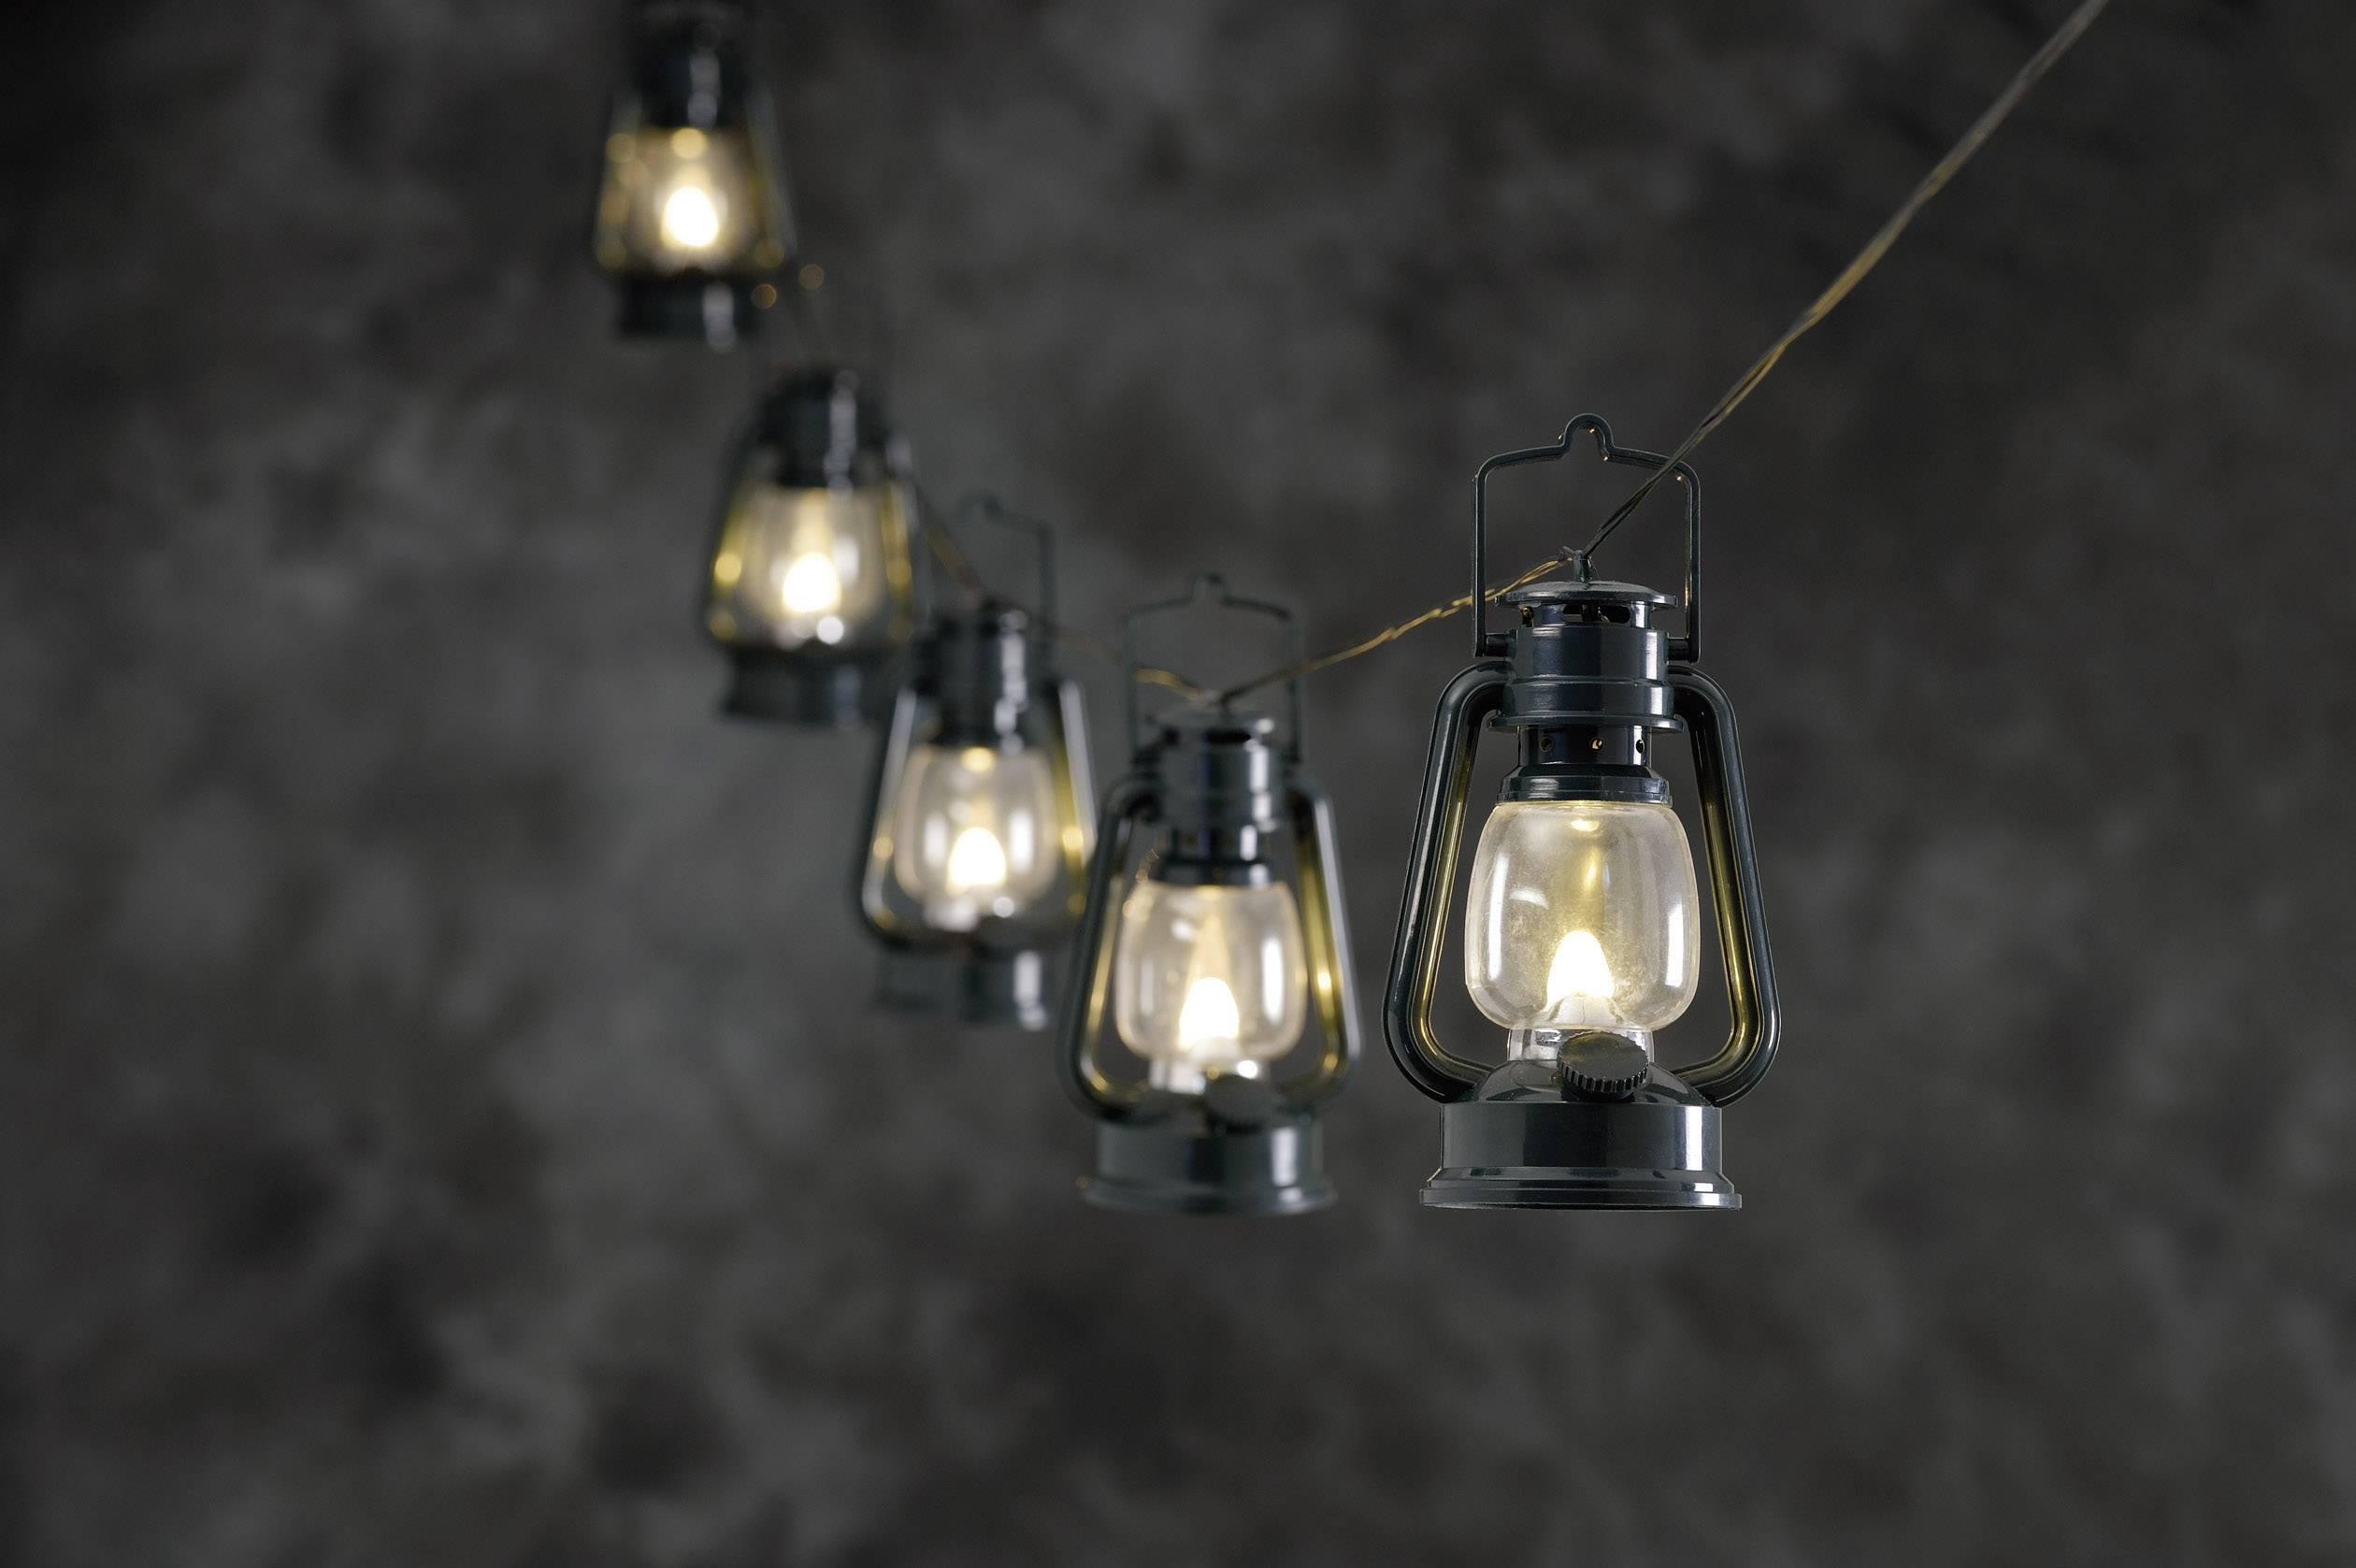 Vonkajšia svietiaca reťaz so zelenými lampášmi Konstsmide 4128-900 8 LED, 17 m, teplá biela